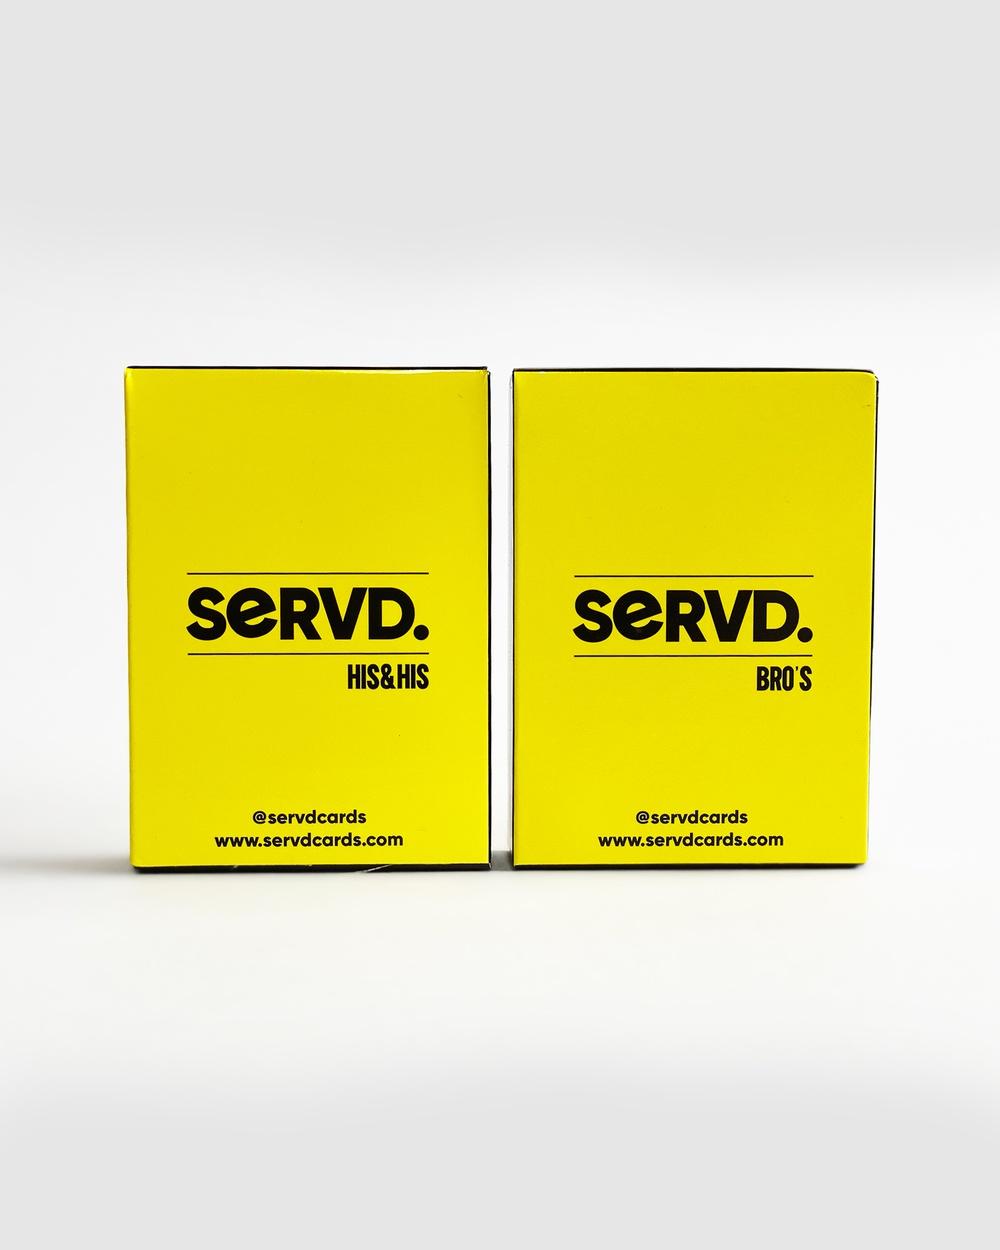 SERVD His & + Bro's Accessories Yellow